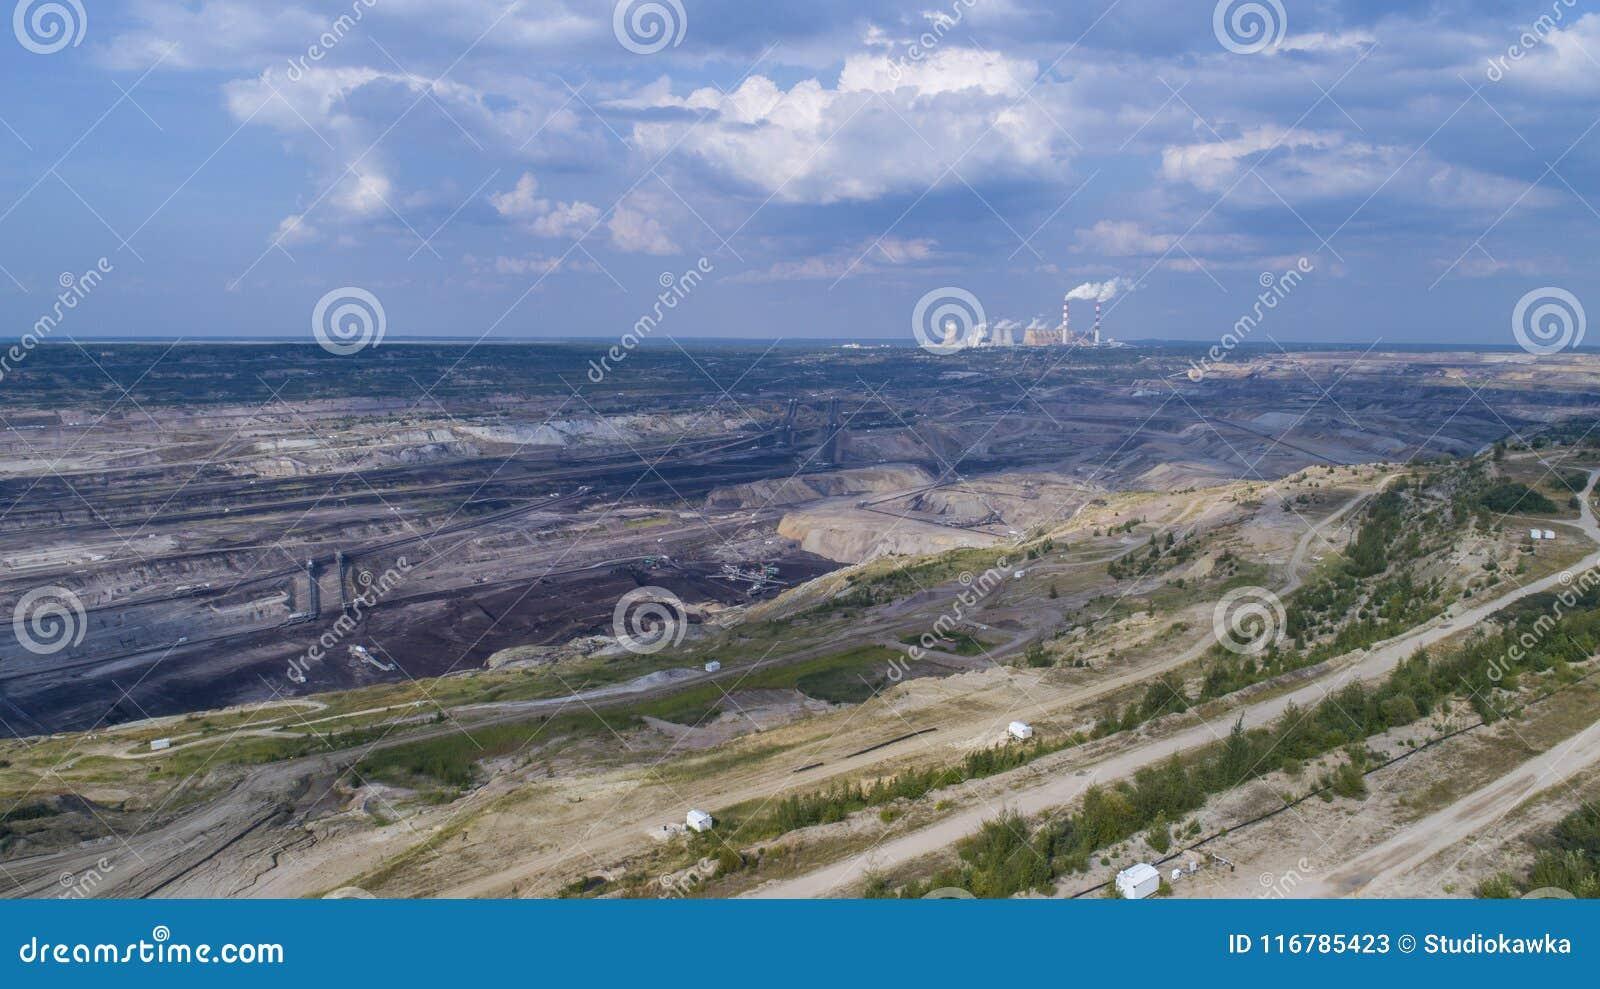 BeÅ 'chatà ³ w kopalnia w tle elektrownia, Polska, 08 2017, widok z lotu ptaka